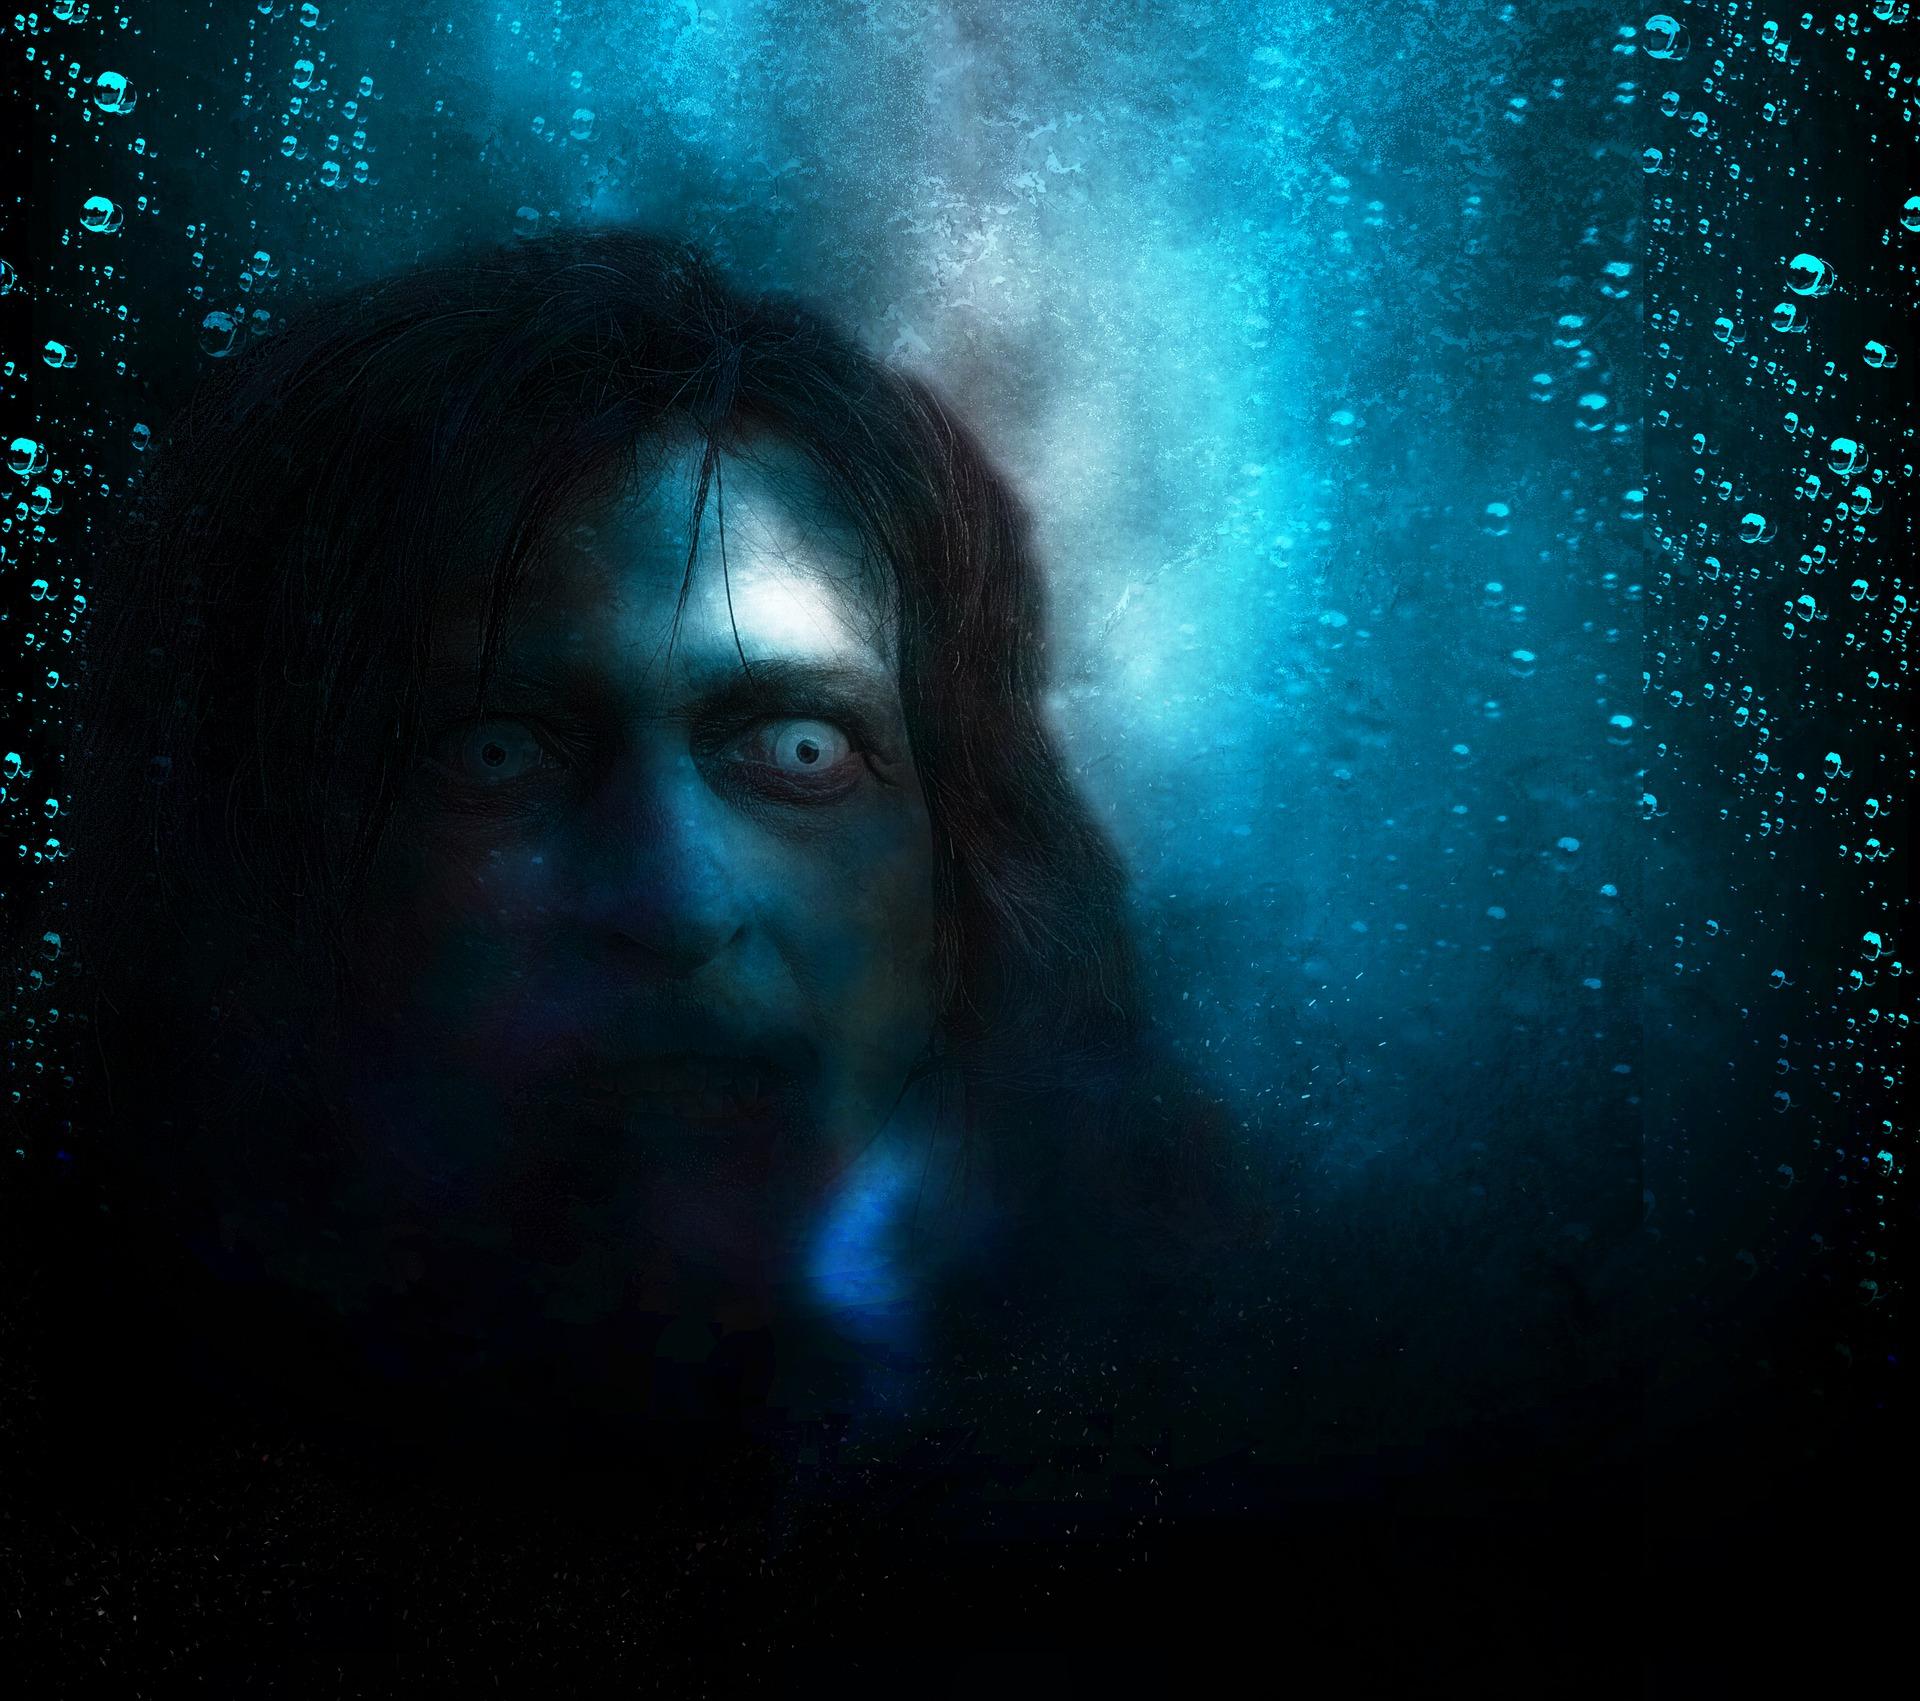 horror-2581018_1920.jpg